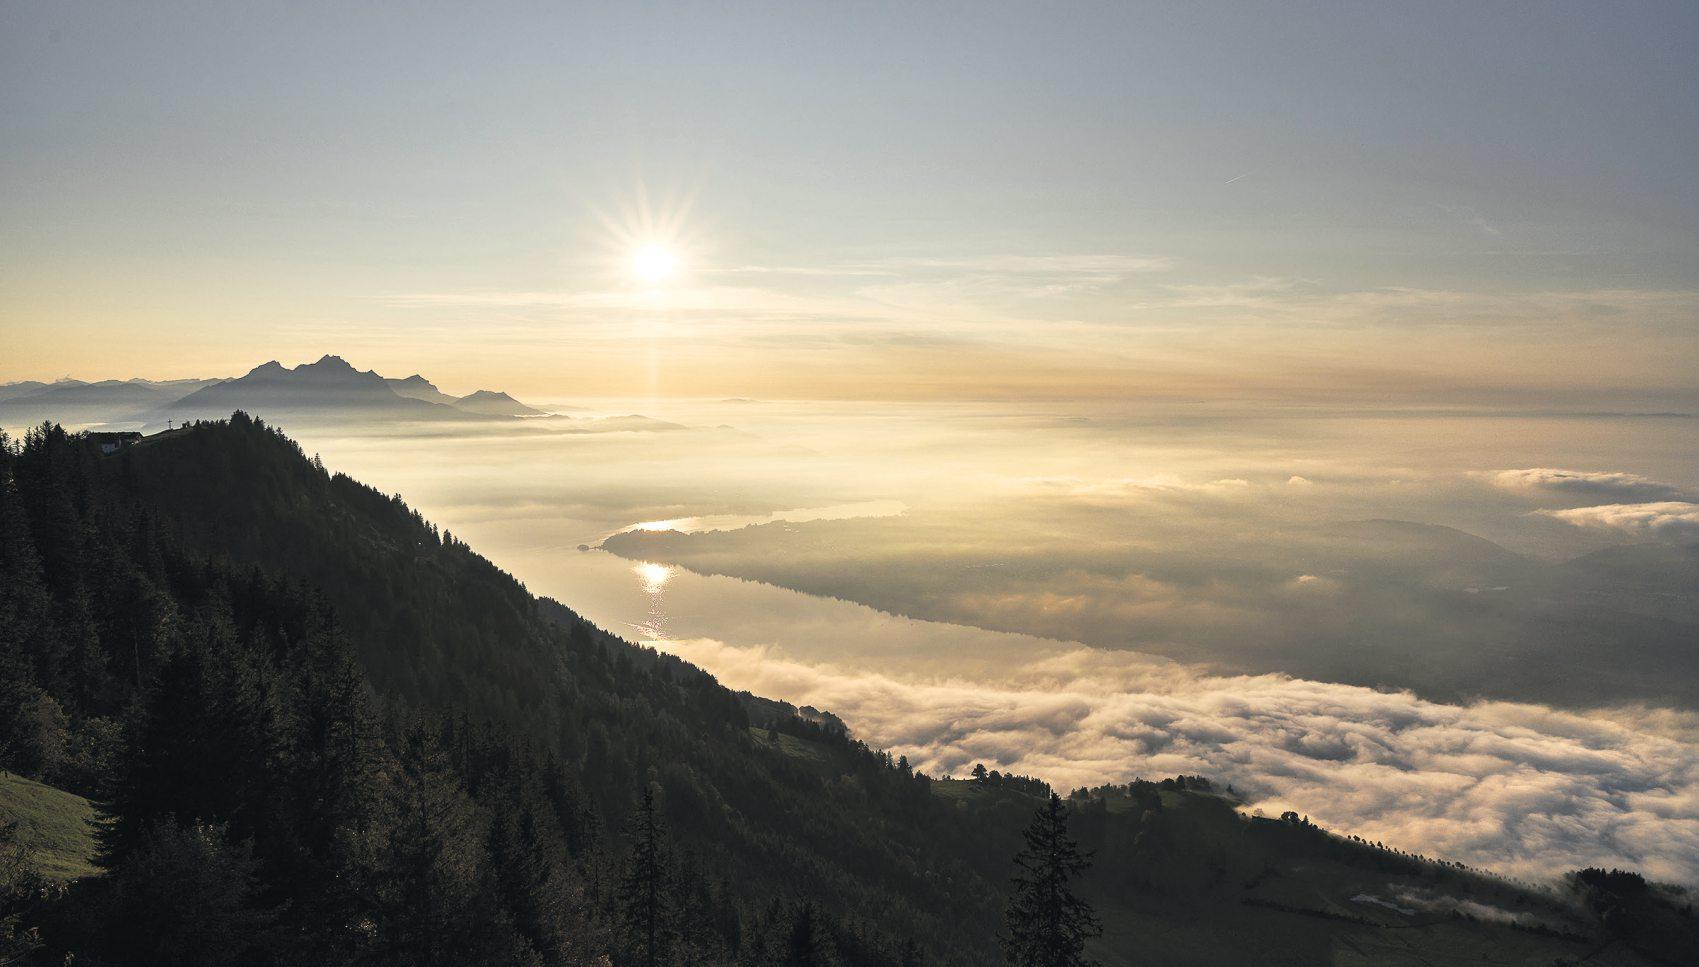 Der Blick übers Nebelmeer von einem der zahlreichen Aussichtspunkte auf der Rigi ist Genuss pur. Bild: PD